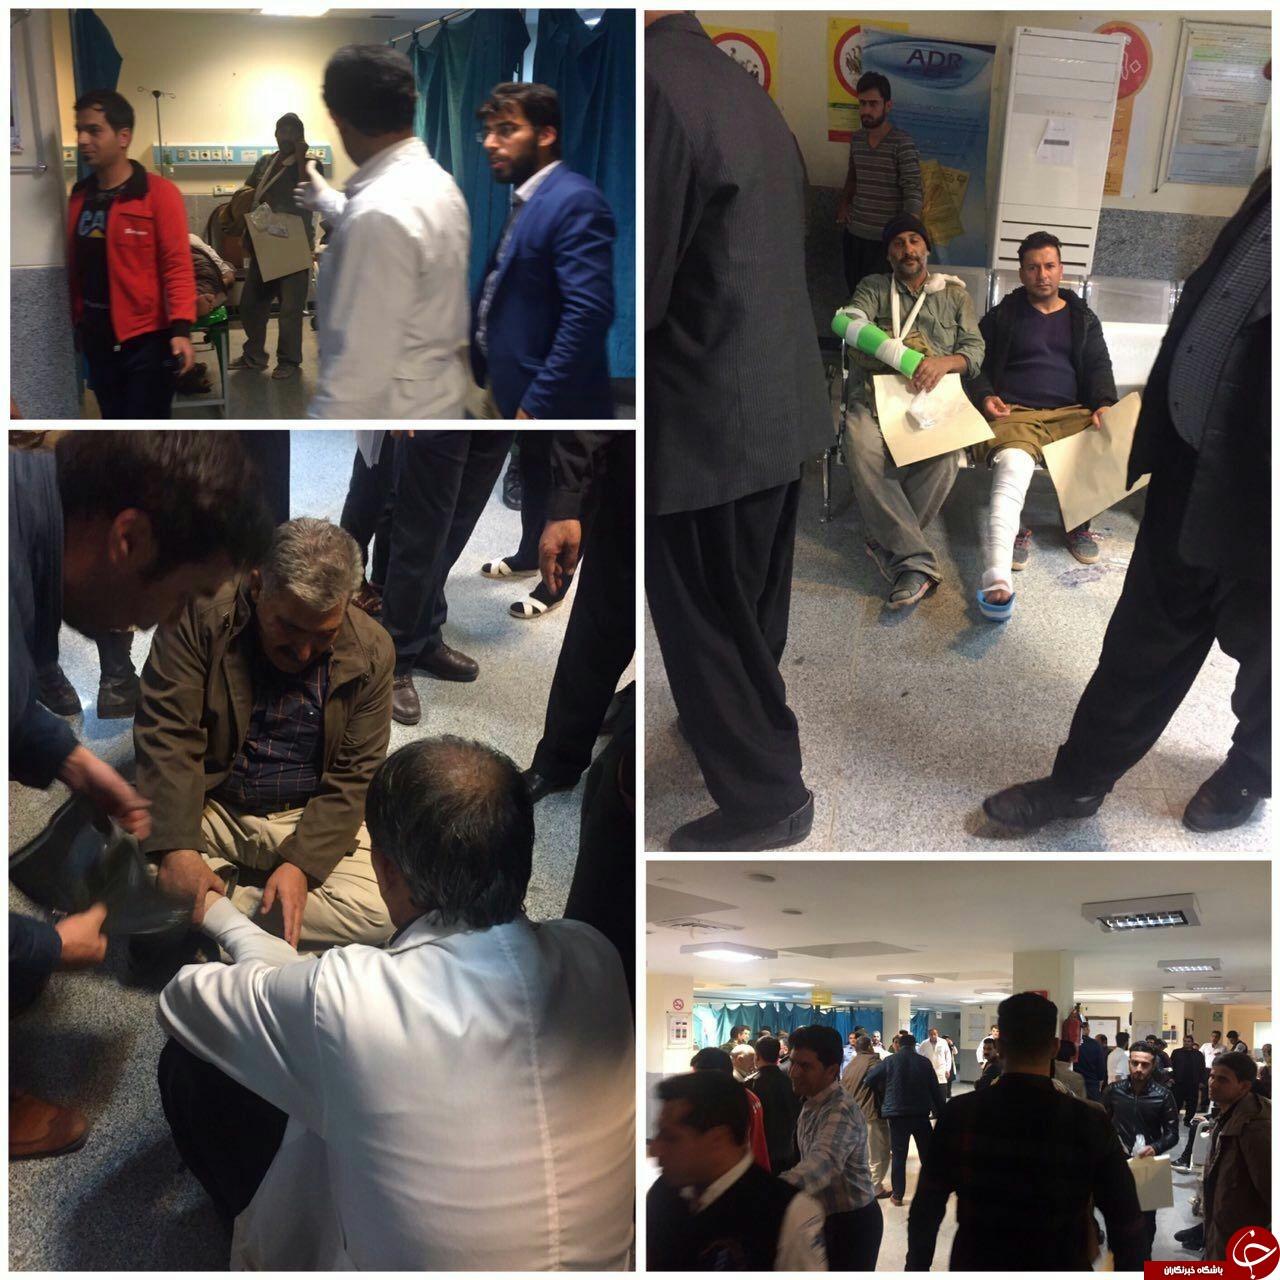 زلزله 6.4 ریشتری کرمانشاه را لرزاند/ بنزین برای سوخت گیری تامین است/ مصدومیت بیش از 400 نفر + فیلم و تصاویر